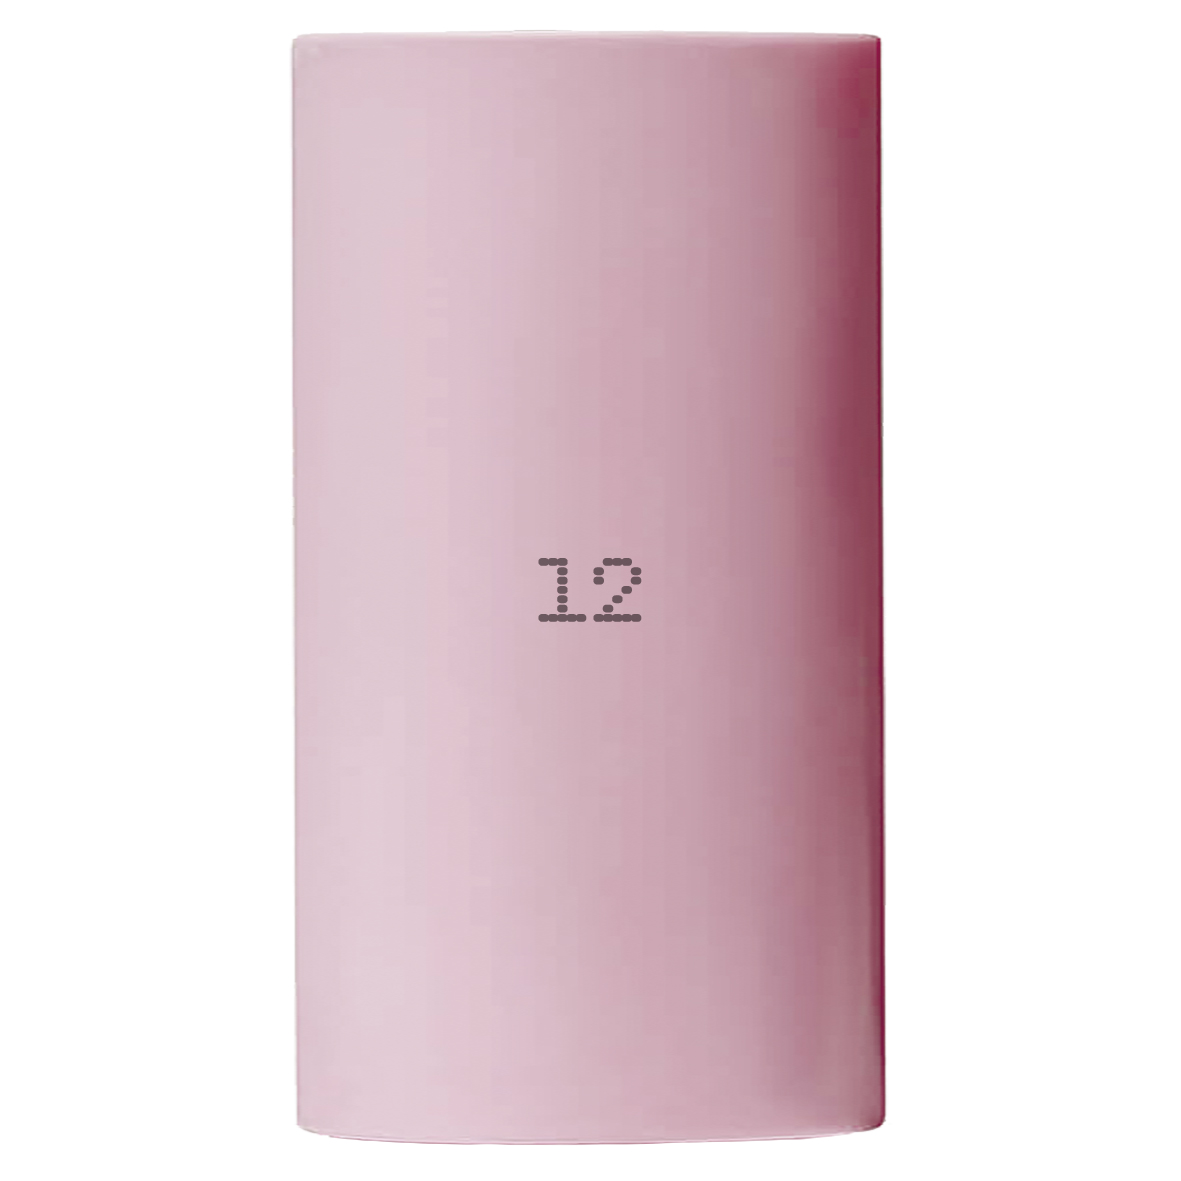 Сопло газовая линза d19,5мм (TIG TP 17/18/26) № 12 IPT1723